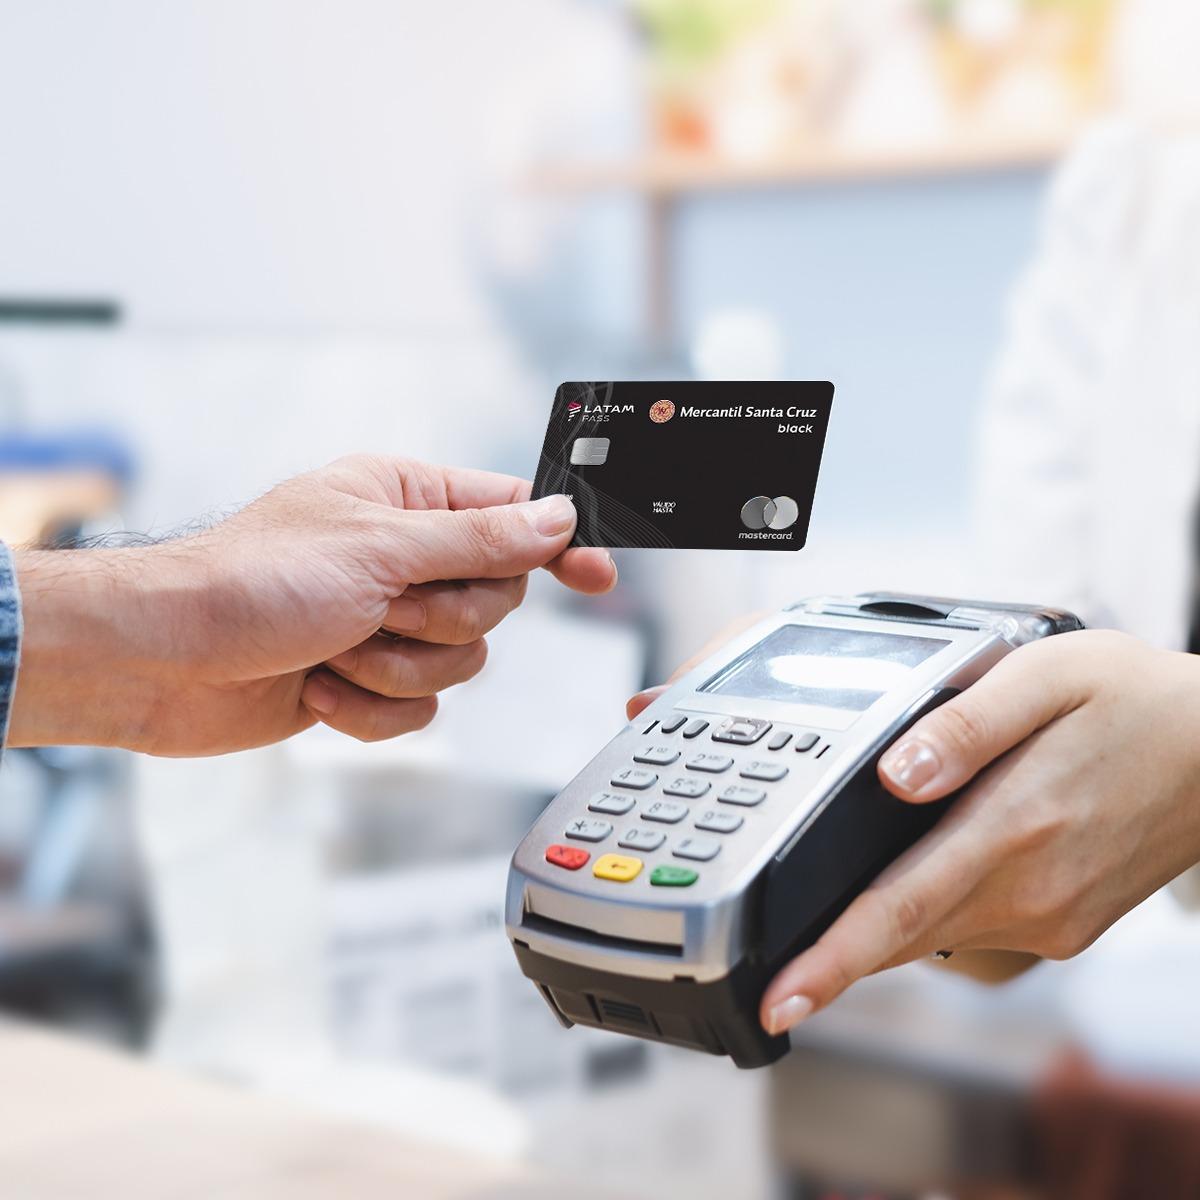 El Banco Mercantil Santa Cruz ofrece a sus clientes los mejores beneficios en este Black Friday